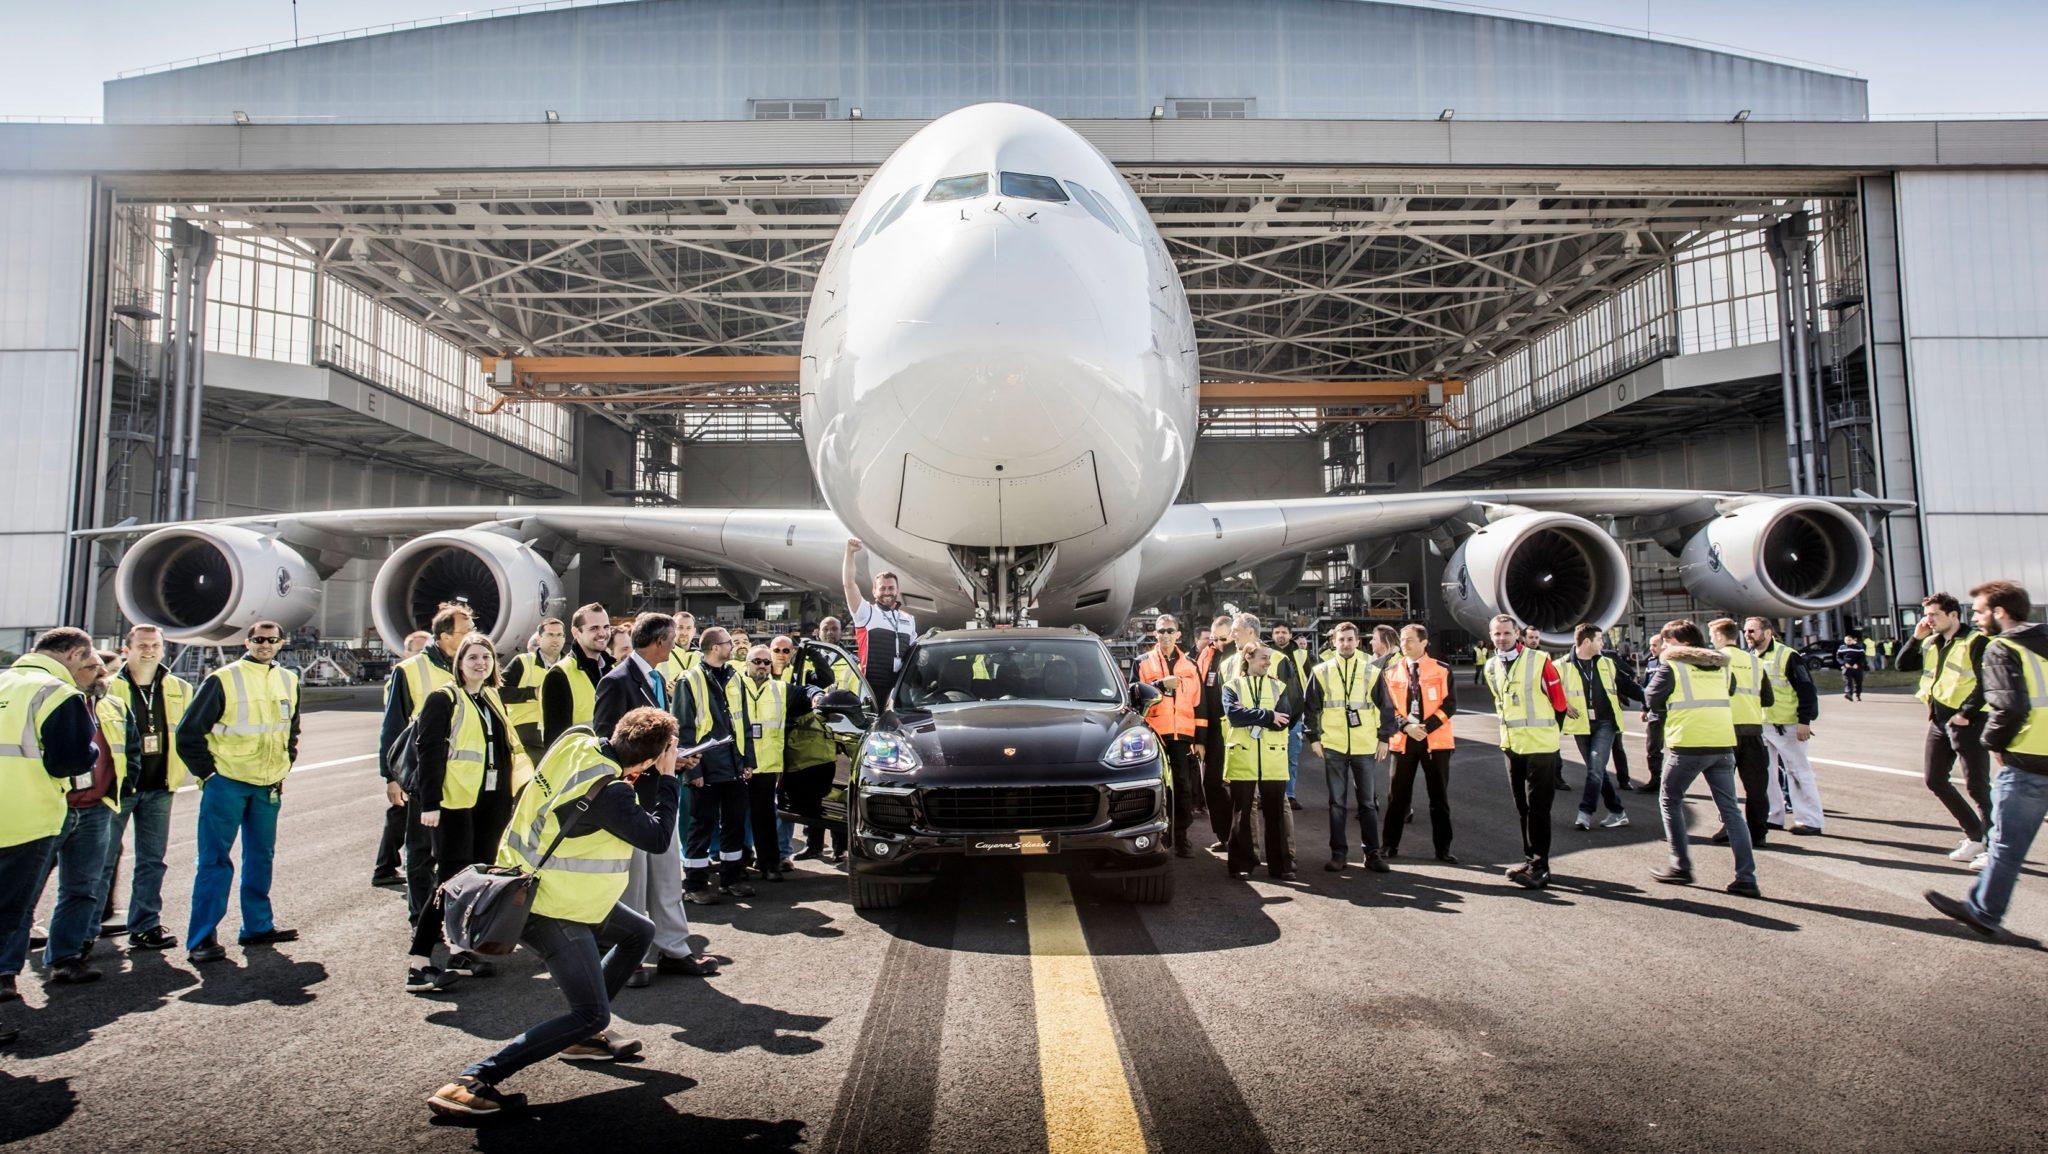 Francja: na paryskim lotnisku został pobity rekord Guinnessa w holowaniu najcięższego samolotu przez auto ze zwyczajnej linii produkcyjnej (foto. PAP/EPA/PORSCHE)